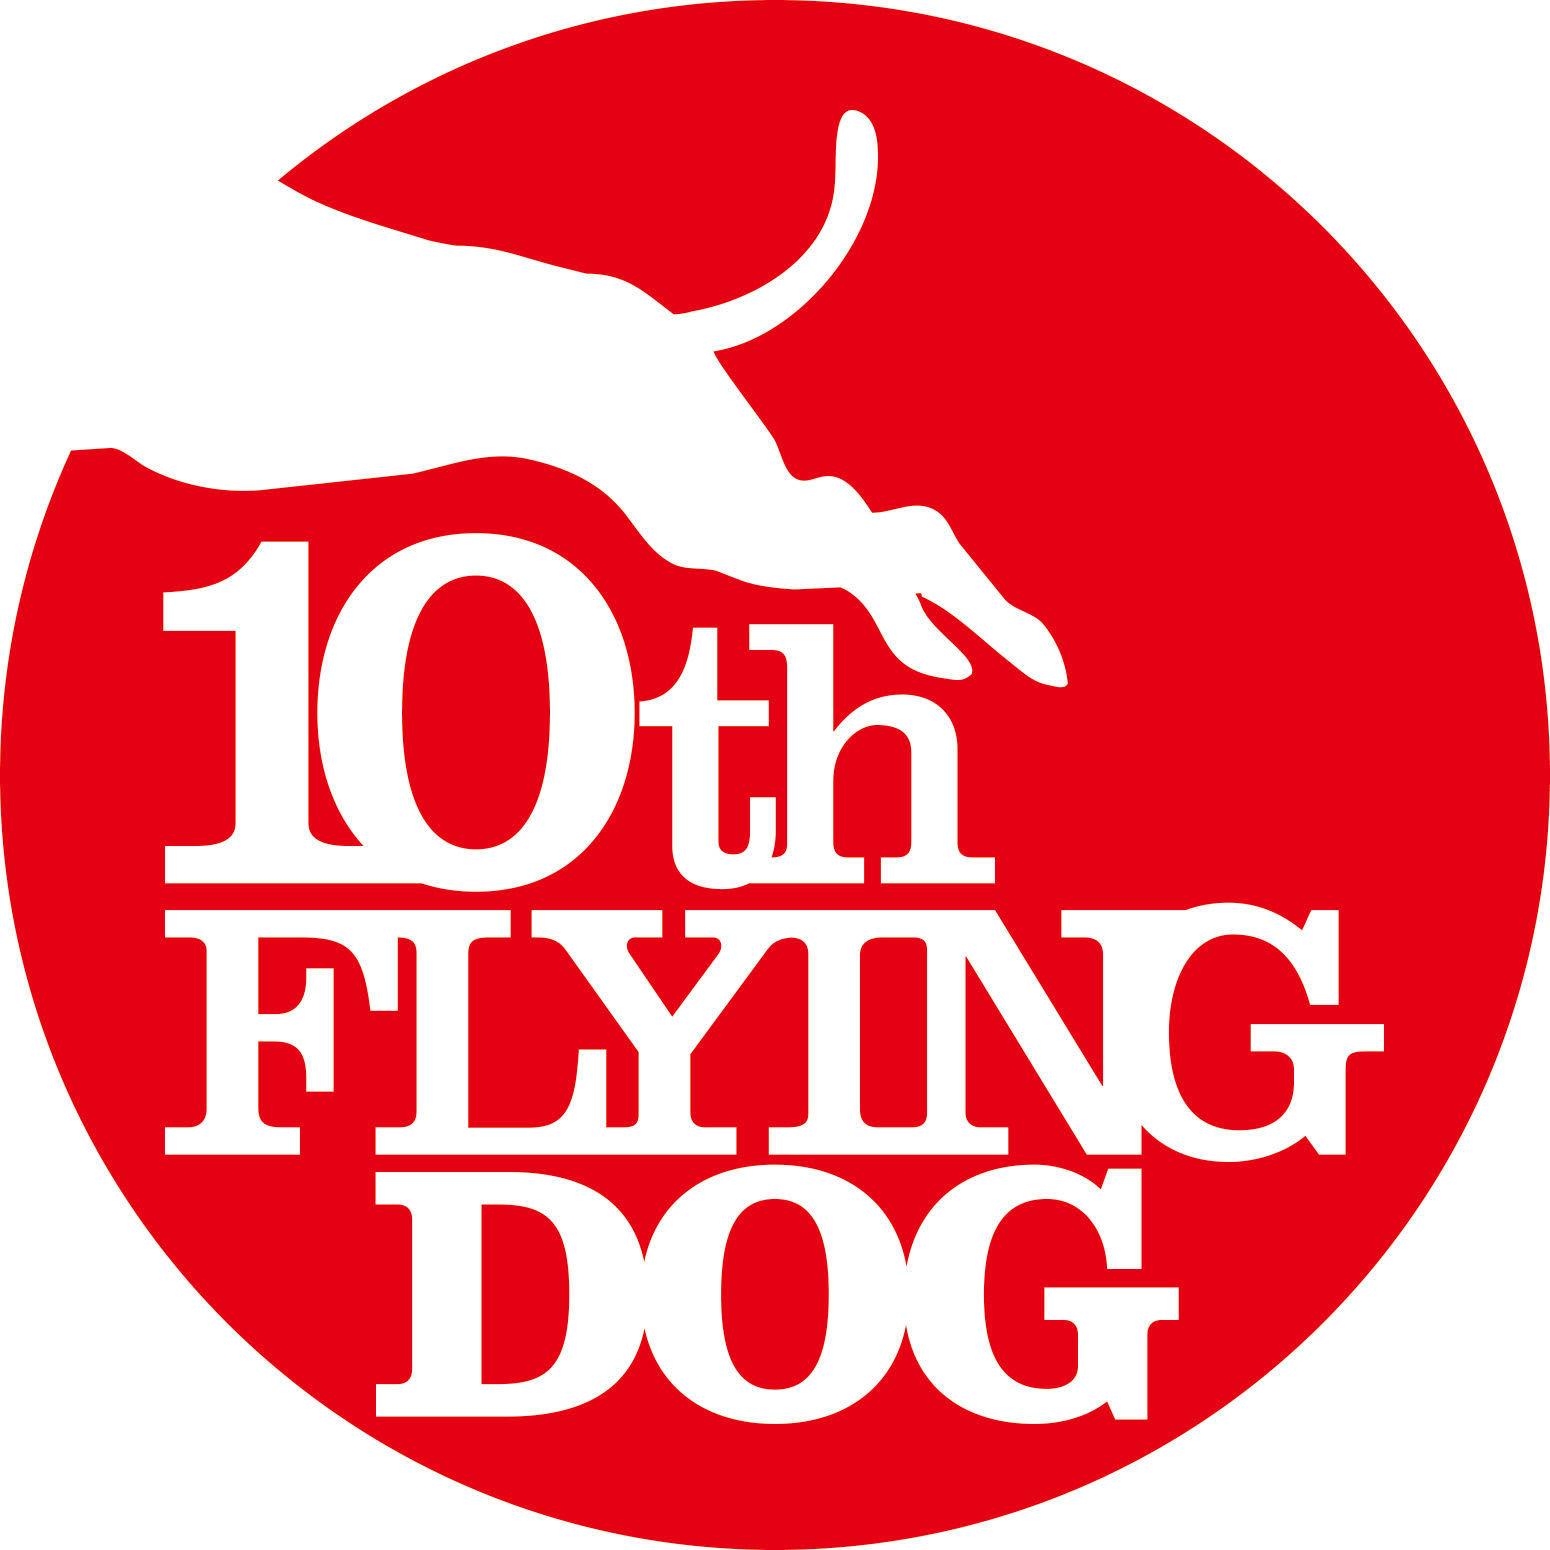 フライングドッグ10周年記念ロゴ (C)FlyingDog, Inc.